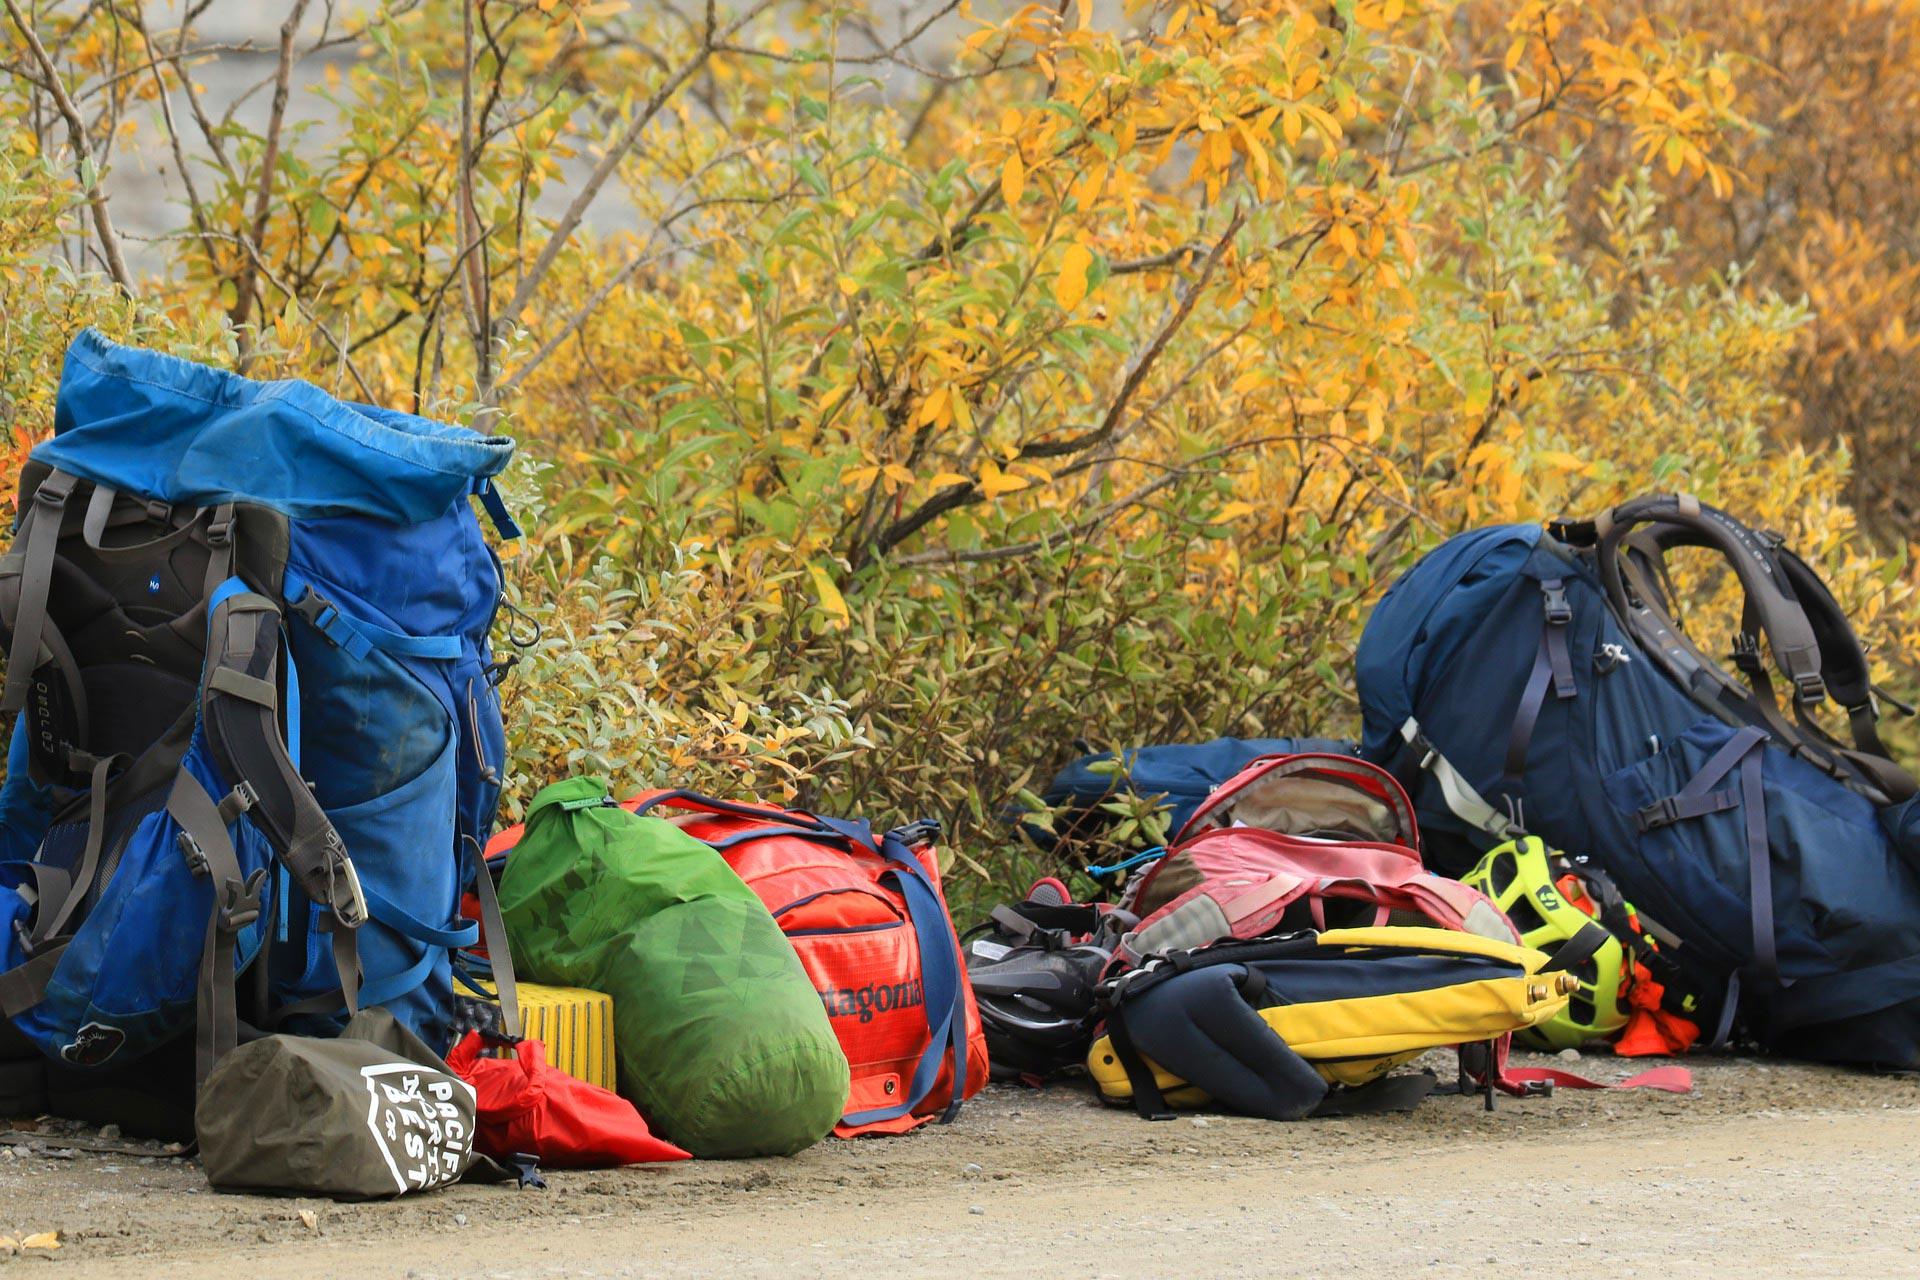 Alcuni esempi di zaini da utilizzare per il trekking